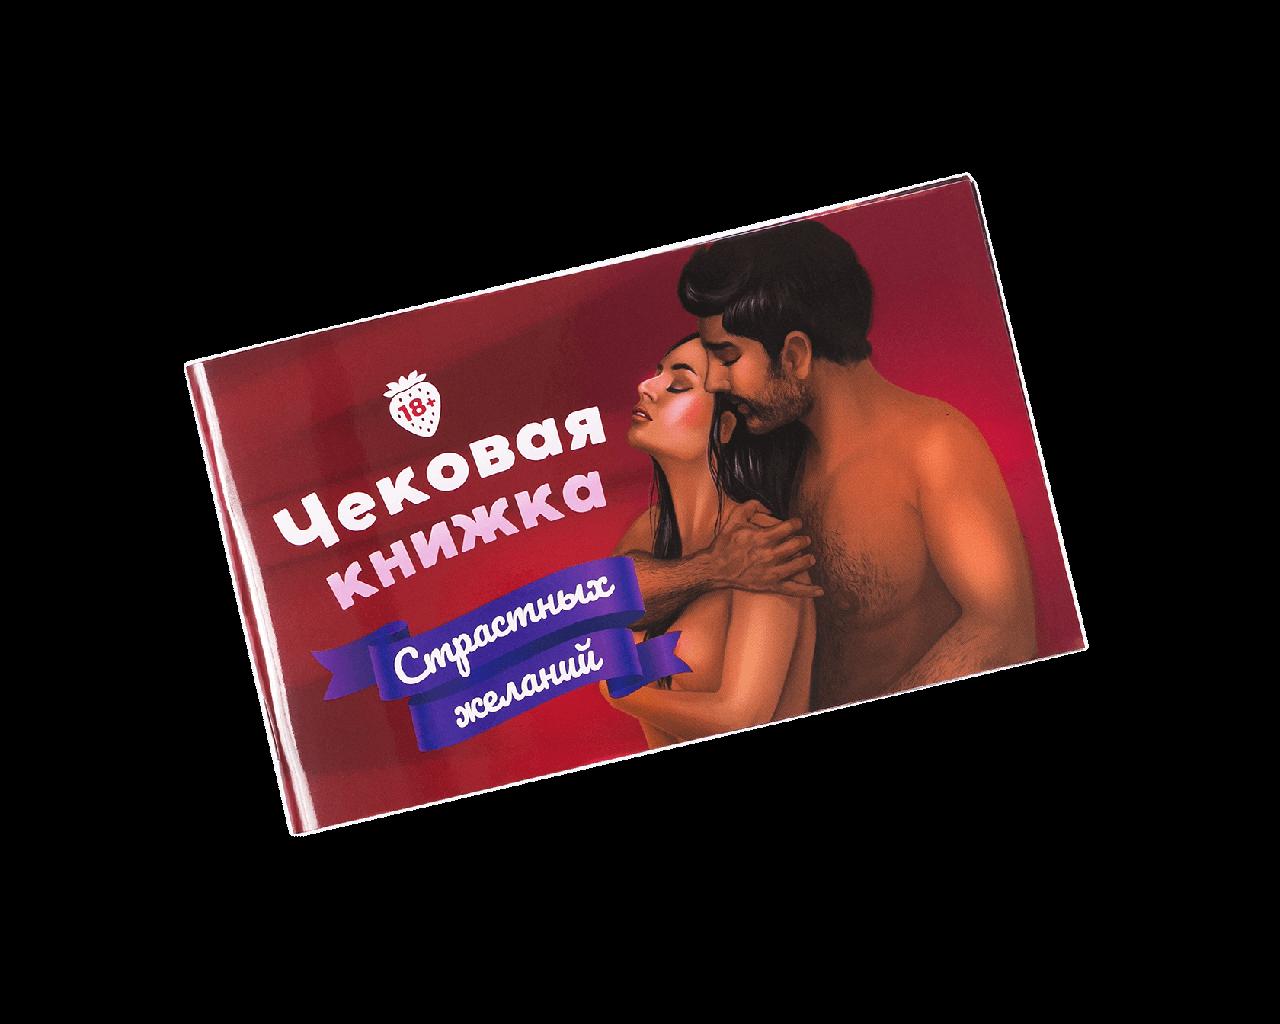 Чековая Книжка Страстных Желаний подарок для страстной пары